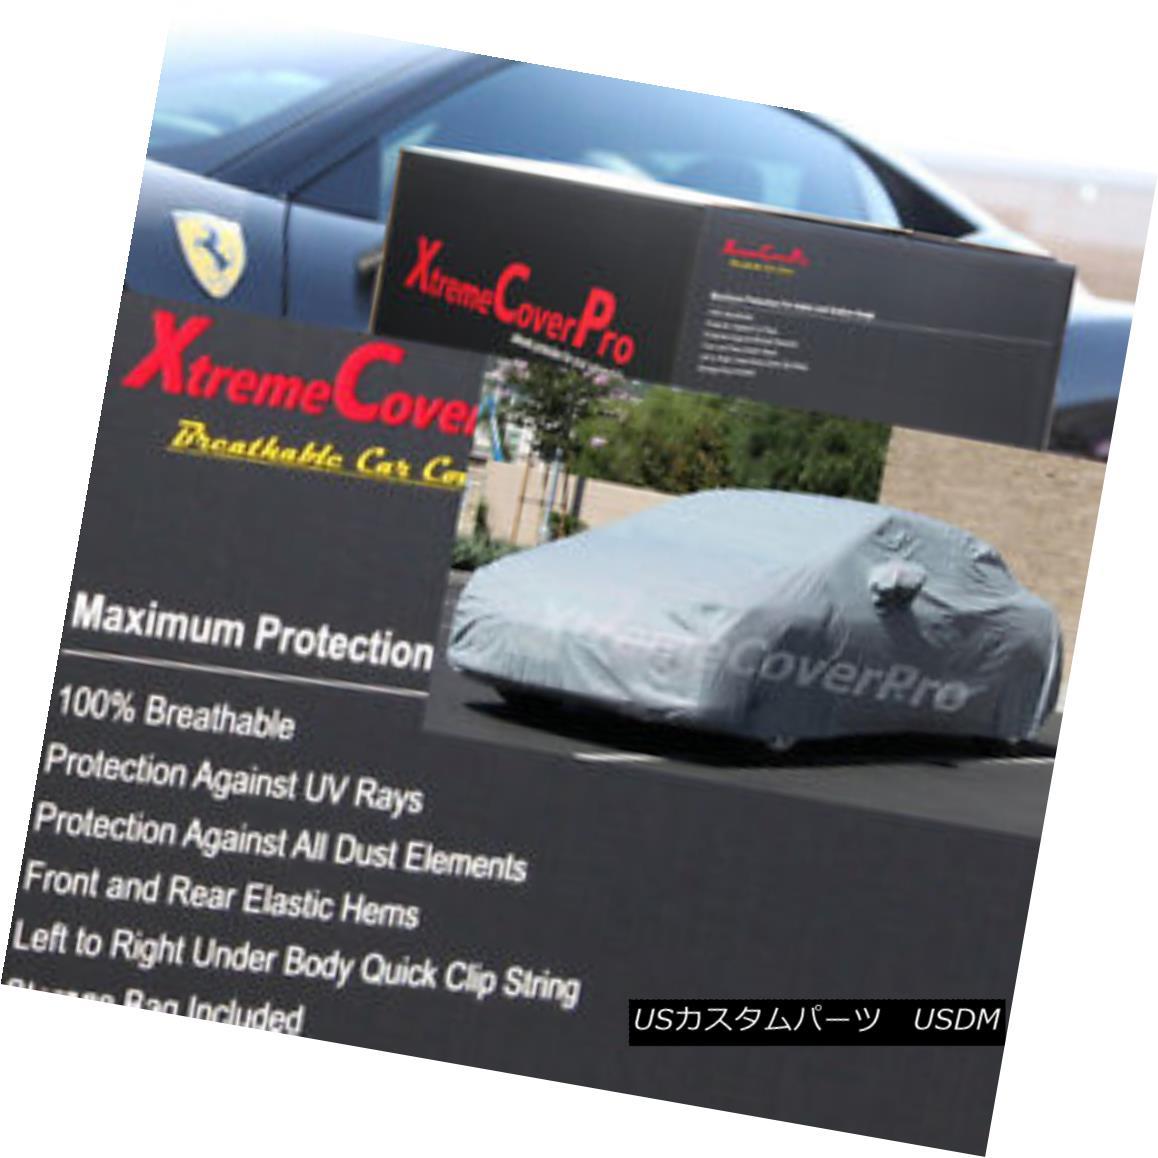 カーカバー 1988 1989 1990 1991 Cadillac Seville Breathable Car Cover w/MirrorPocket 1988年1989年1990年1991年キャデラックセビリア通気性車カバー付きMirrorPocket